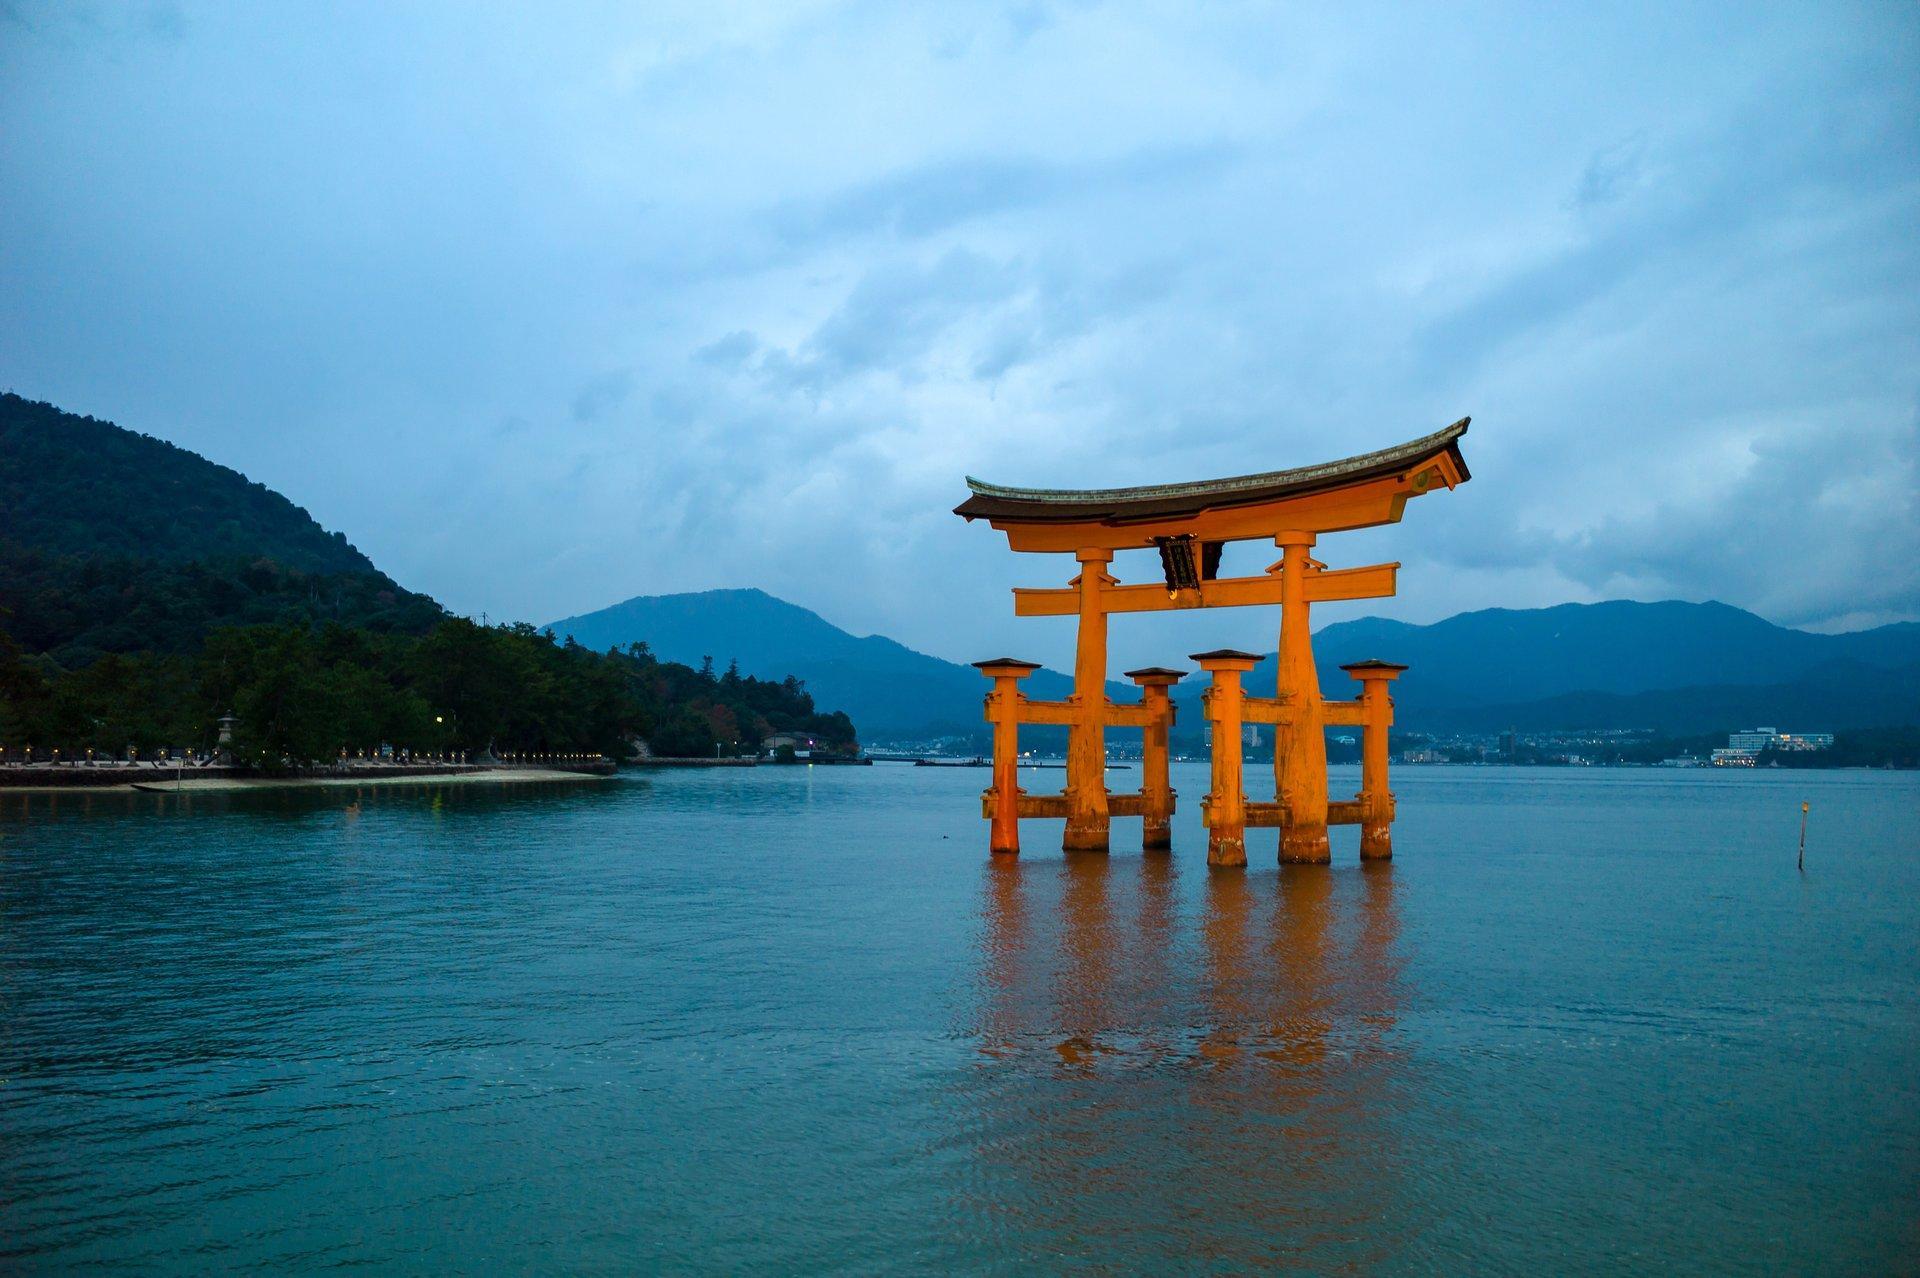 Miyajima – hòn đảo linh thiêng với chiếc cổng Thần đạo nổi trên mặt biển Thumbnail